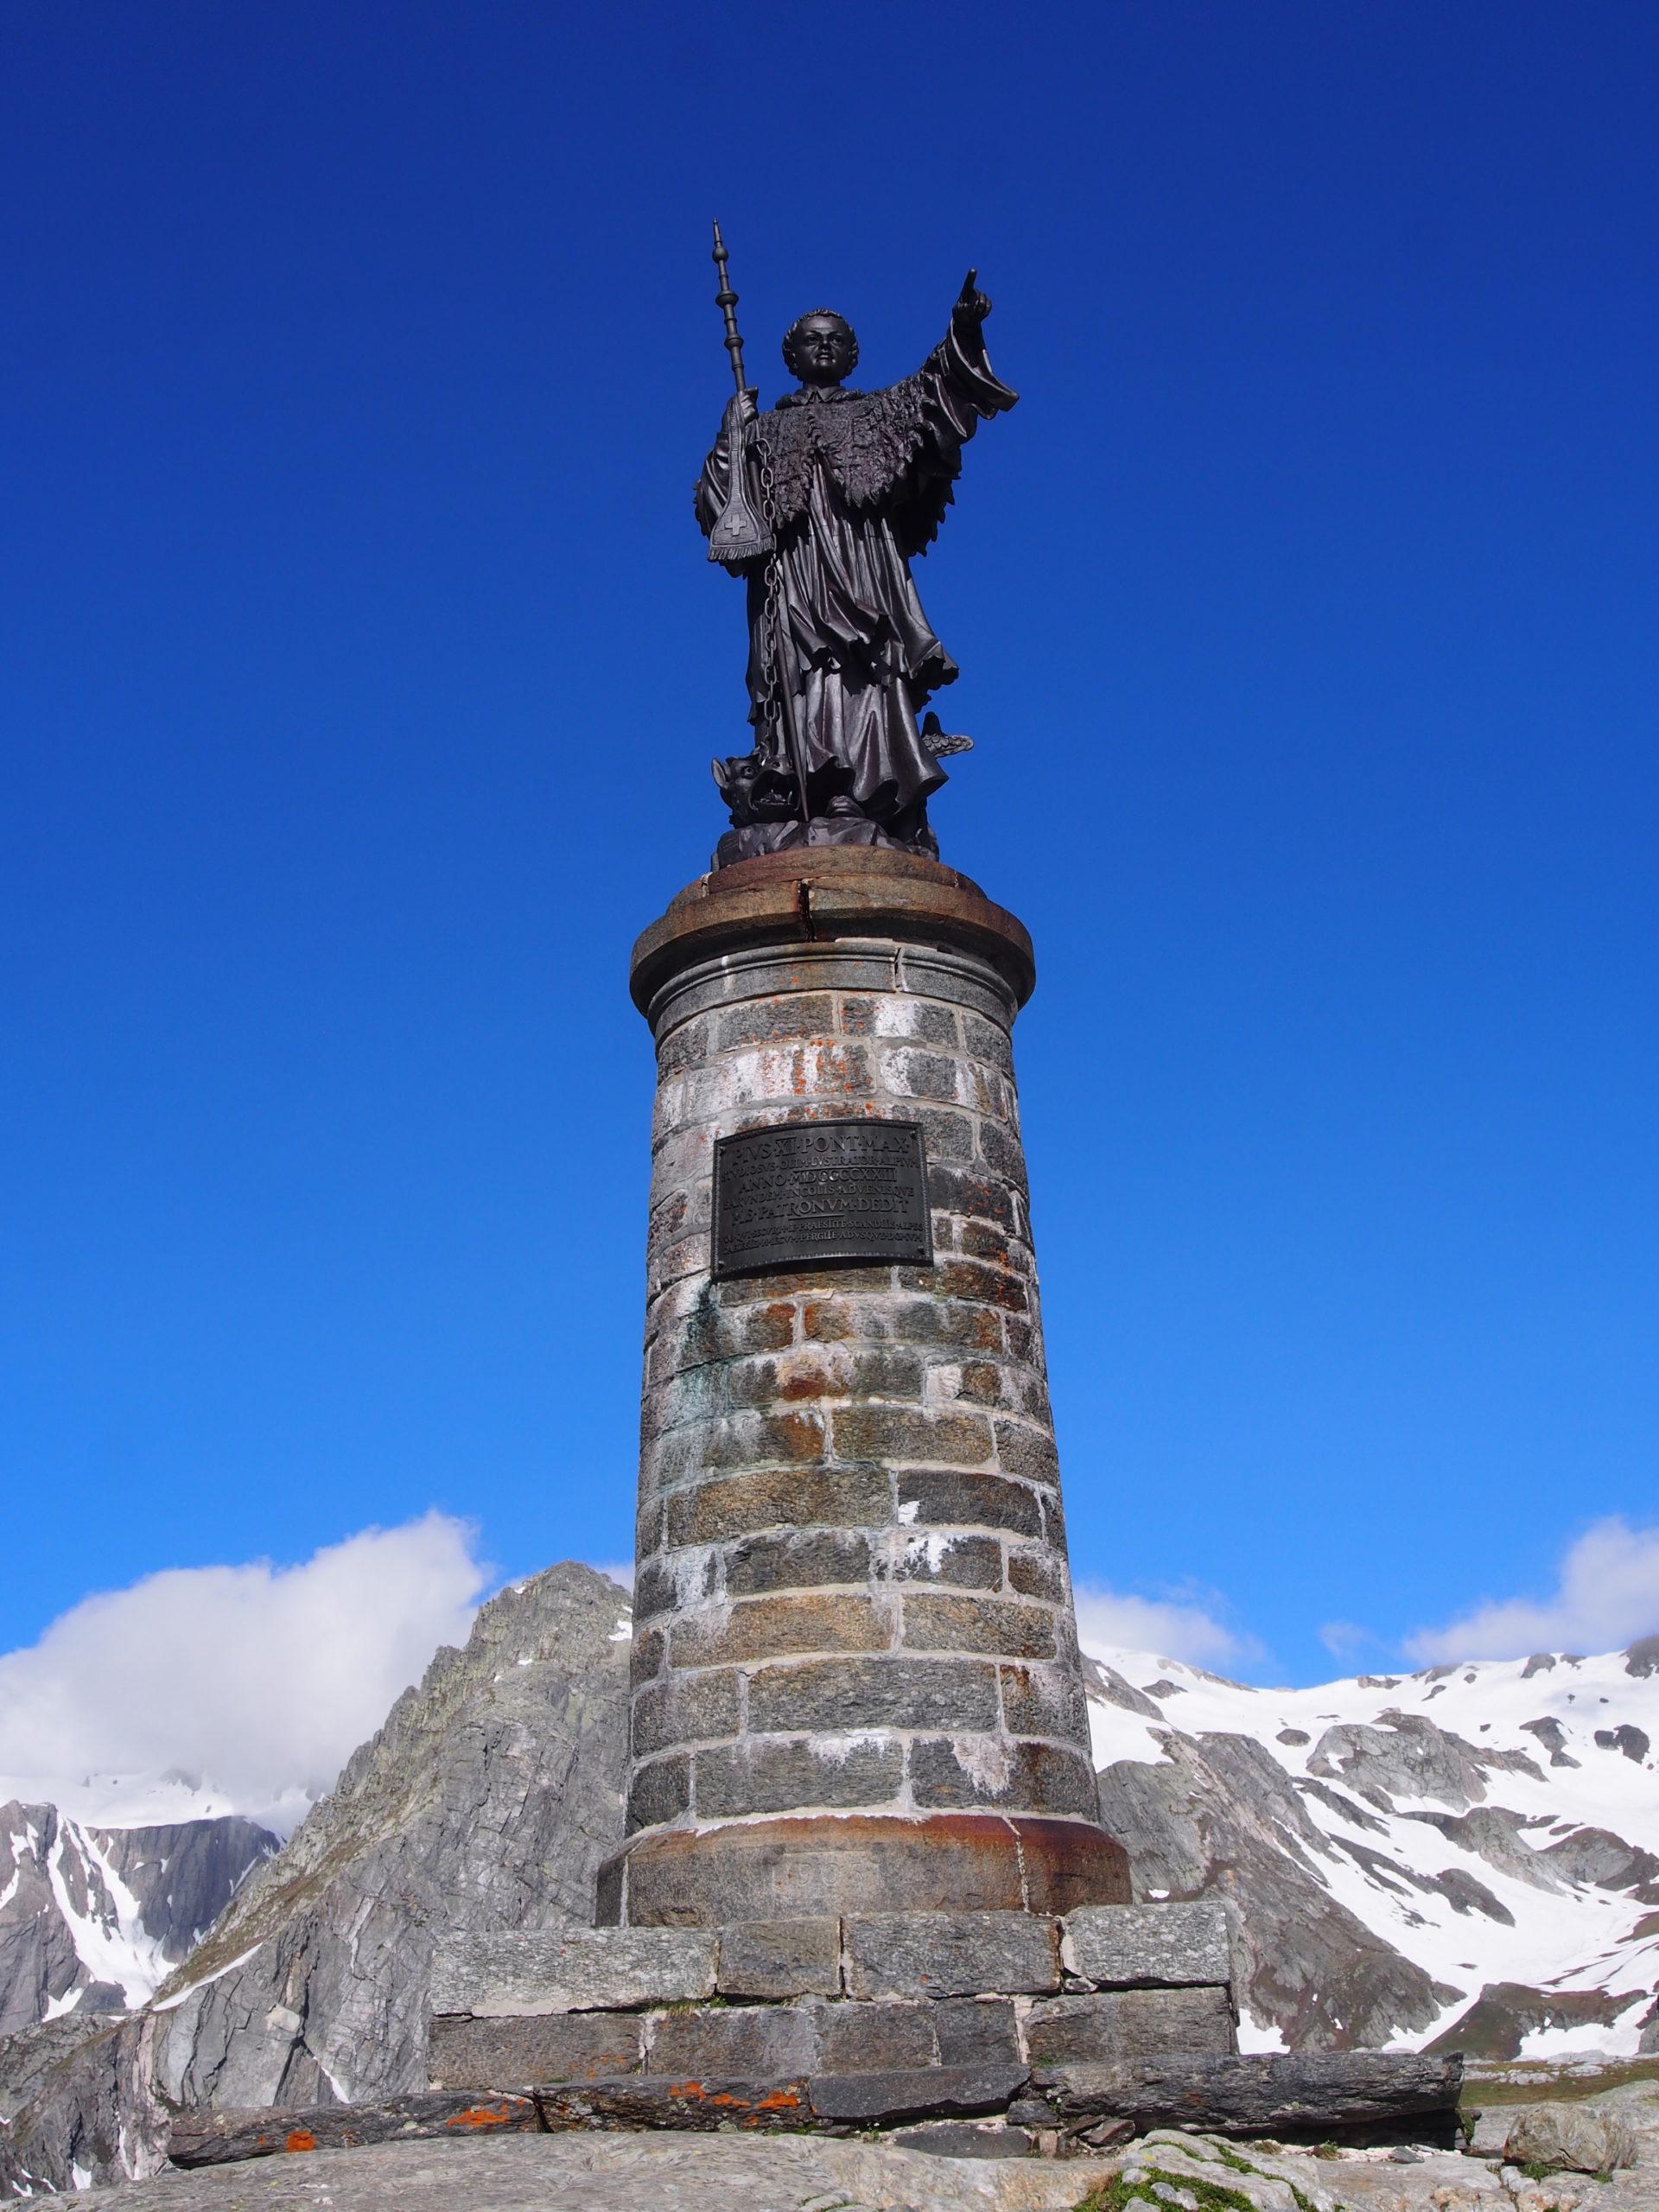 St Bernard on the St Bernard Pass